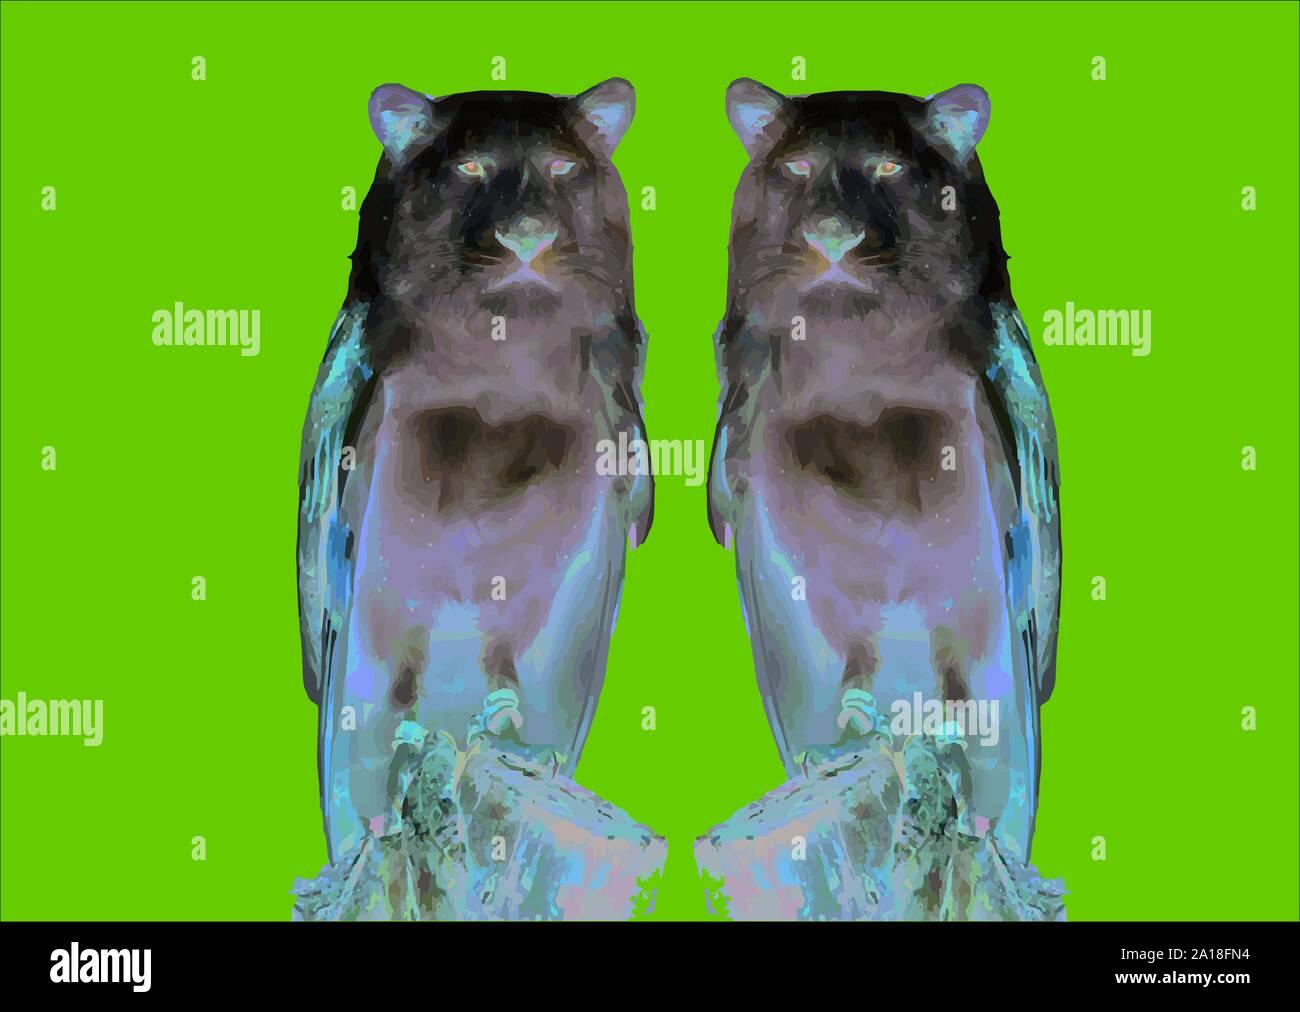 hibou-avec-tete-de-chien-des-animaux-etranges-2a18fn4.jpg